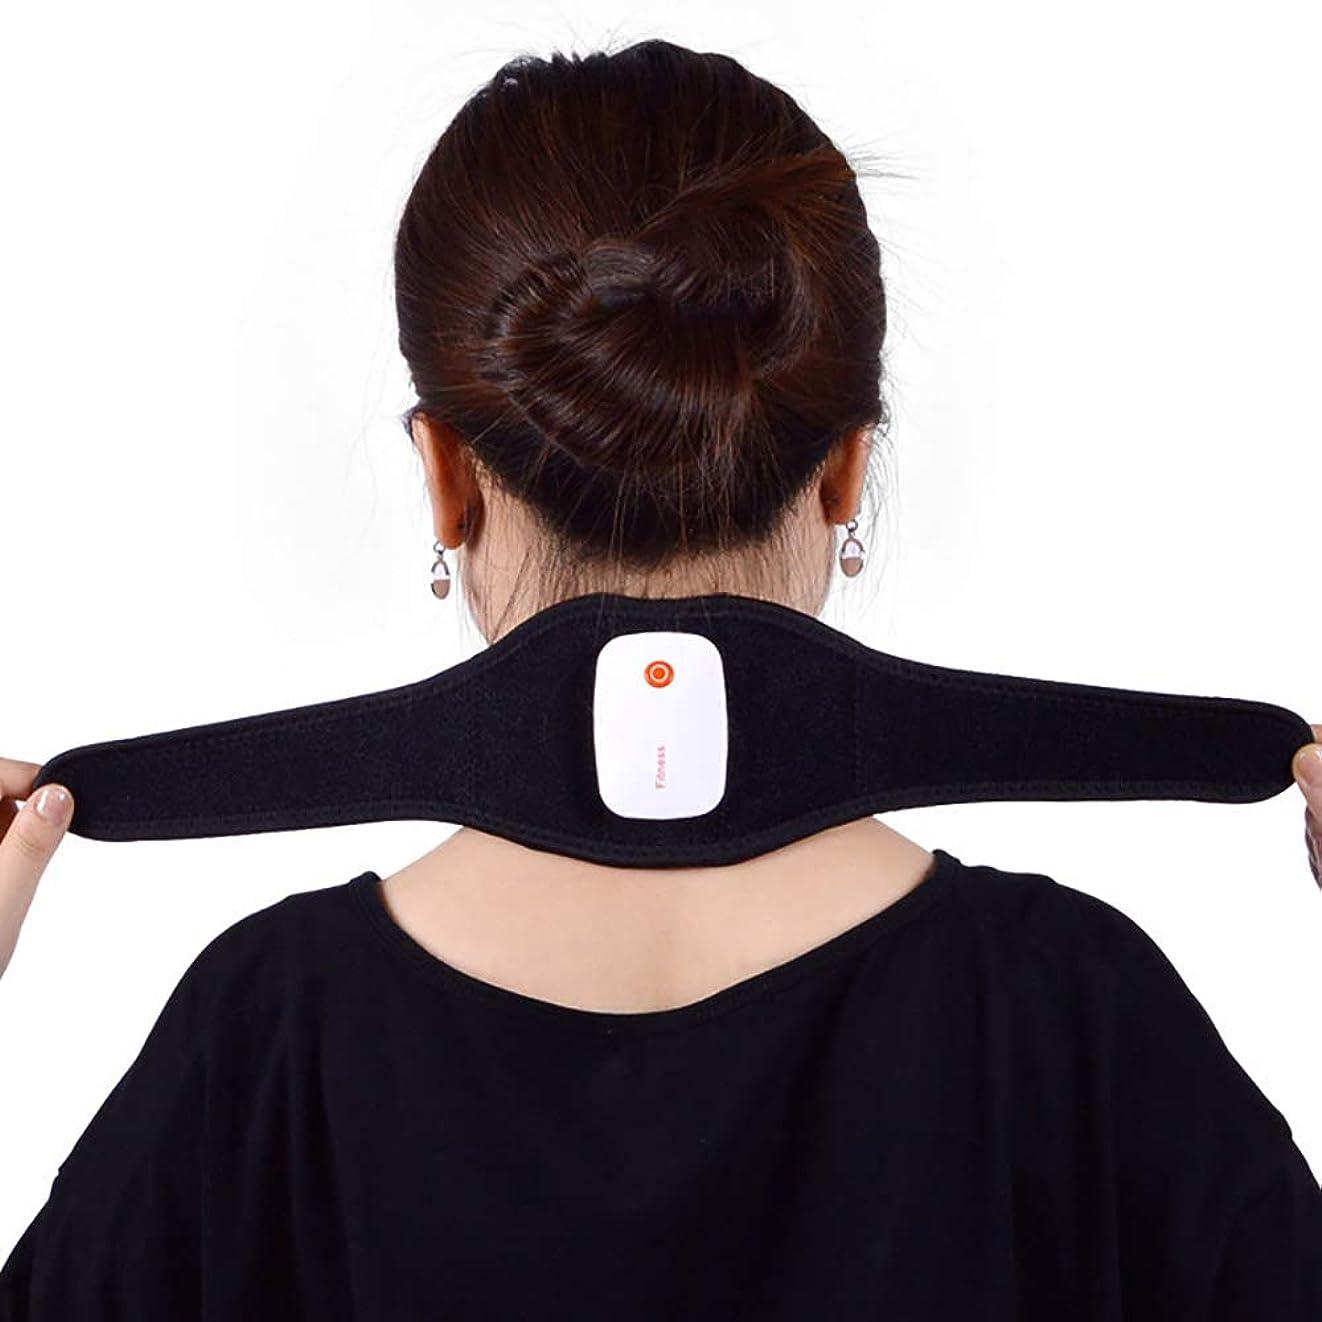 平行協力するアラームUSB頚部首の肩のマッサージャー、APPのスマートな頚部マッサージャーの多機能の脈拍の首の理学療法のマッサージャー電気暖房+自己発熱の遠赤外線のサーモセラピーの技術